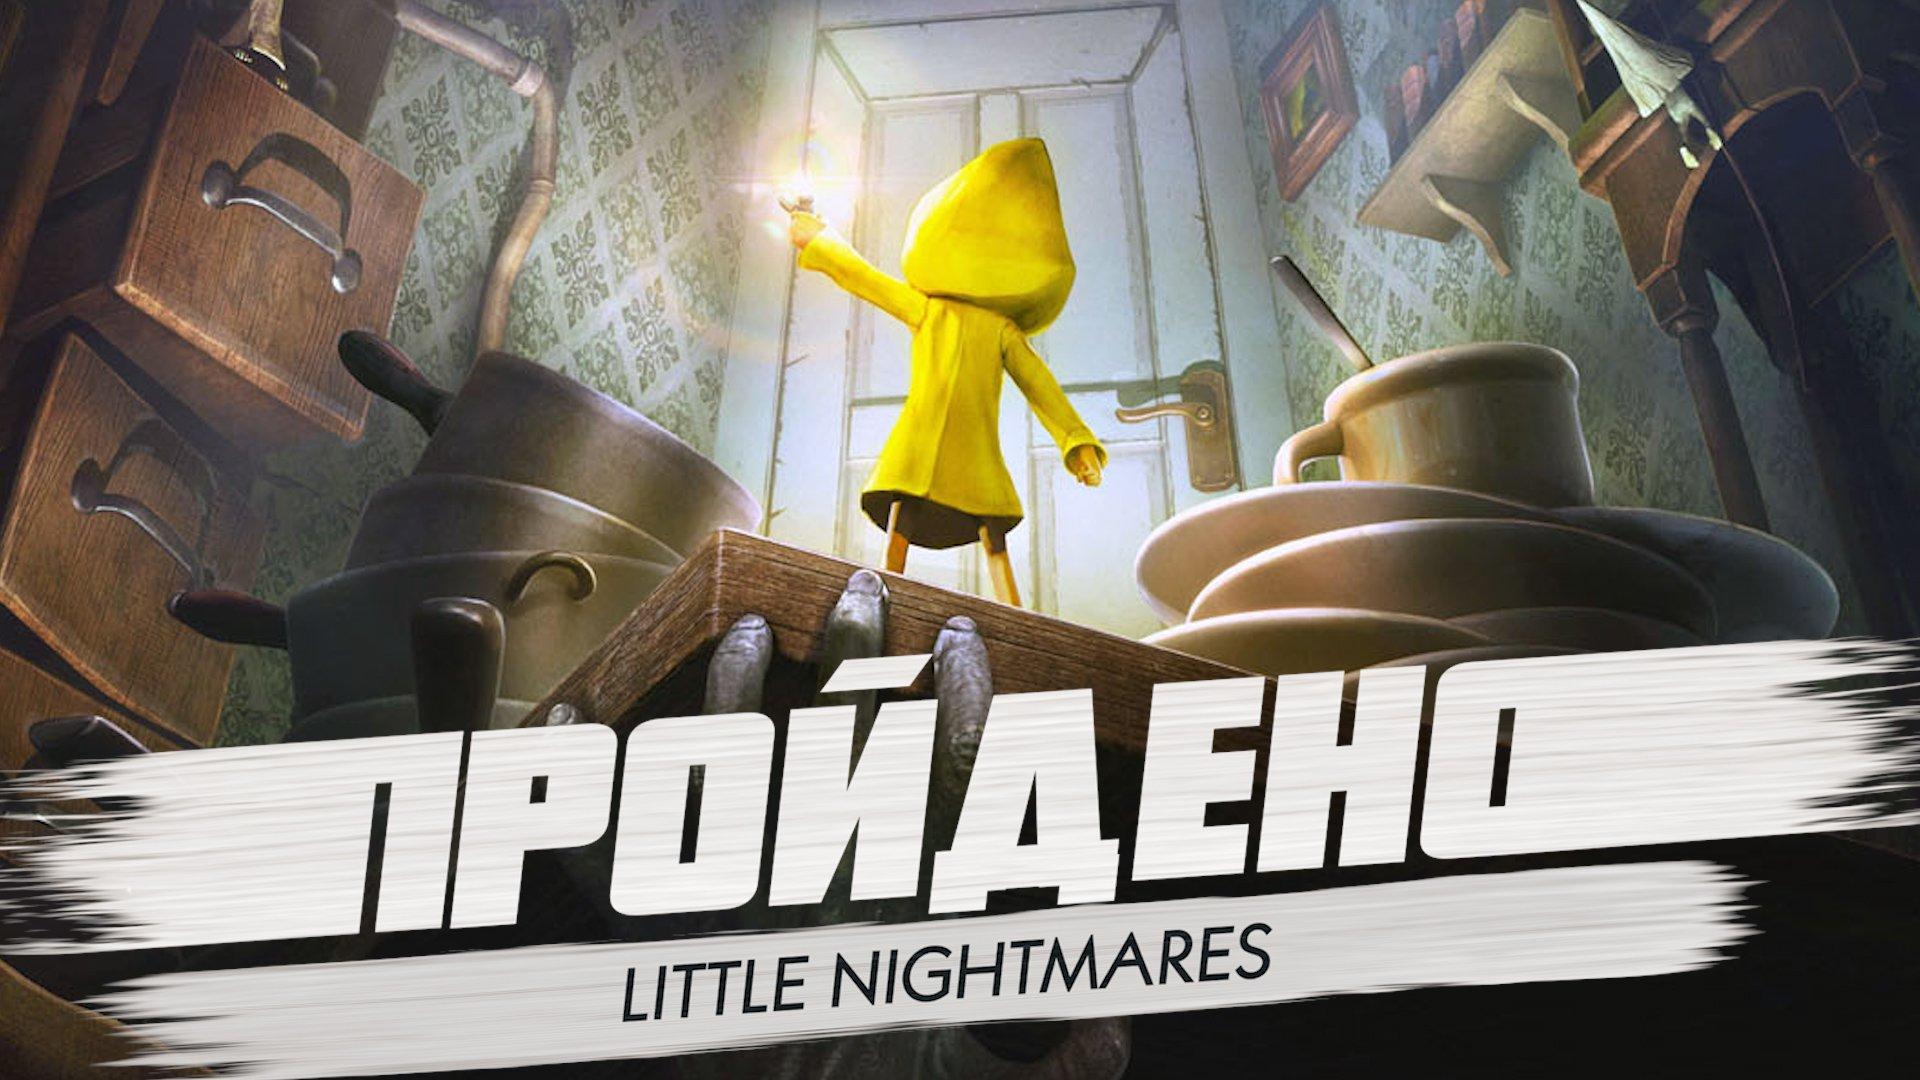 ПРОЙДЕНО: Little Nightmares - очередной мрачный платформер  - Изображение 1